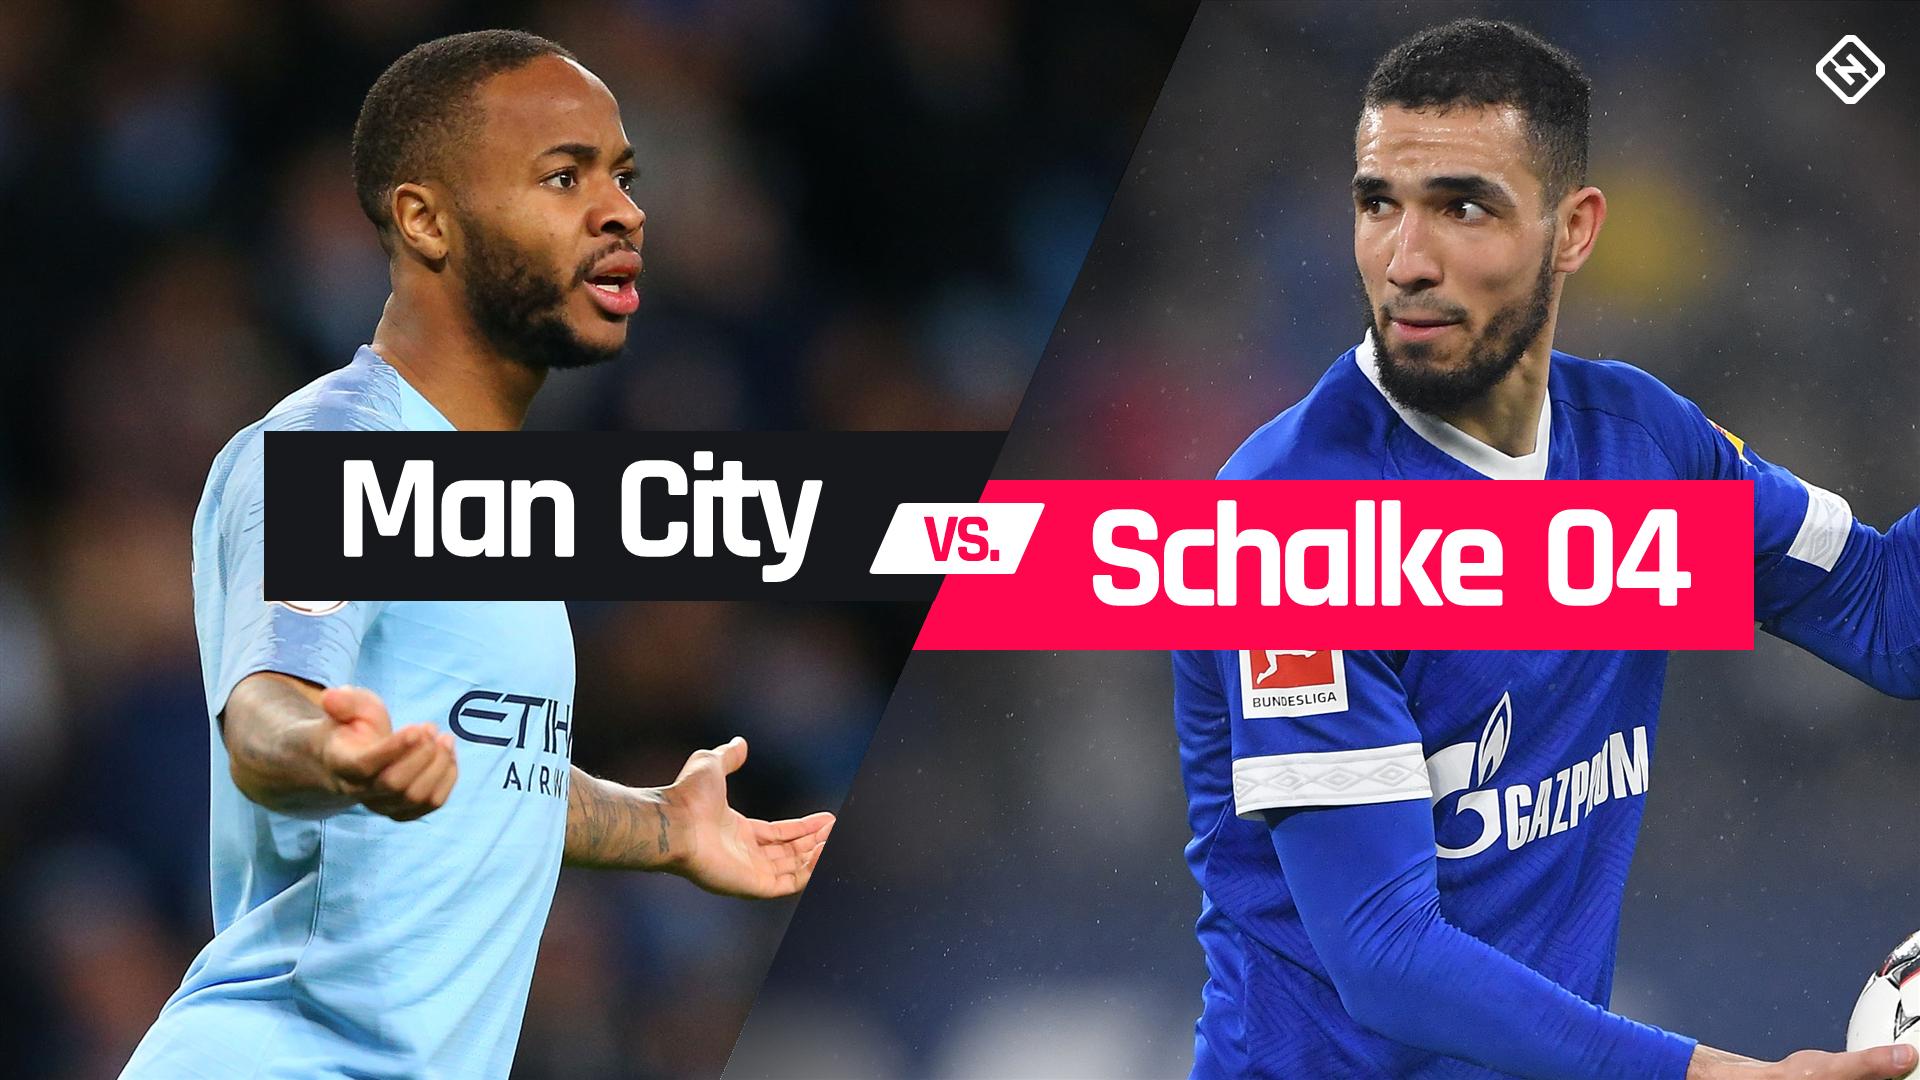 Soi kèo trận Man City vs Schake 04 (3h00)